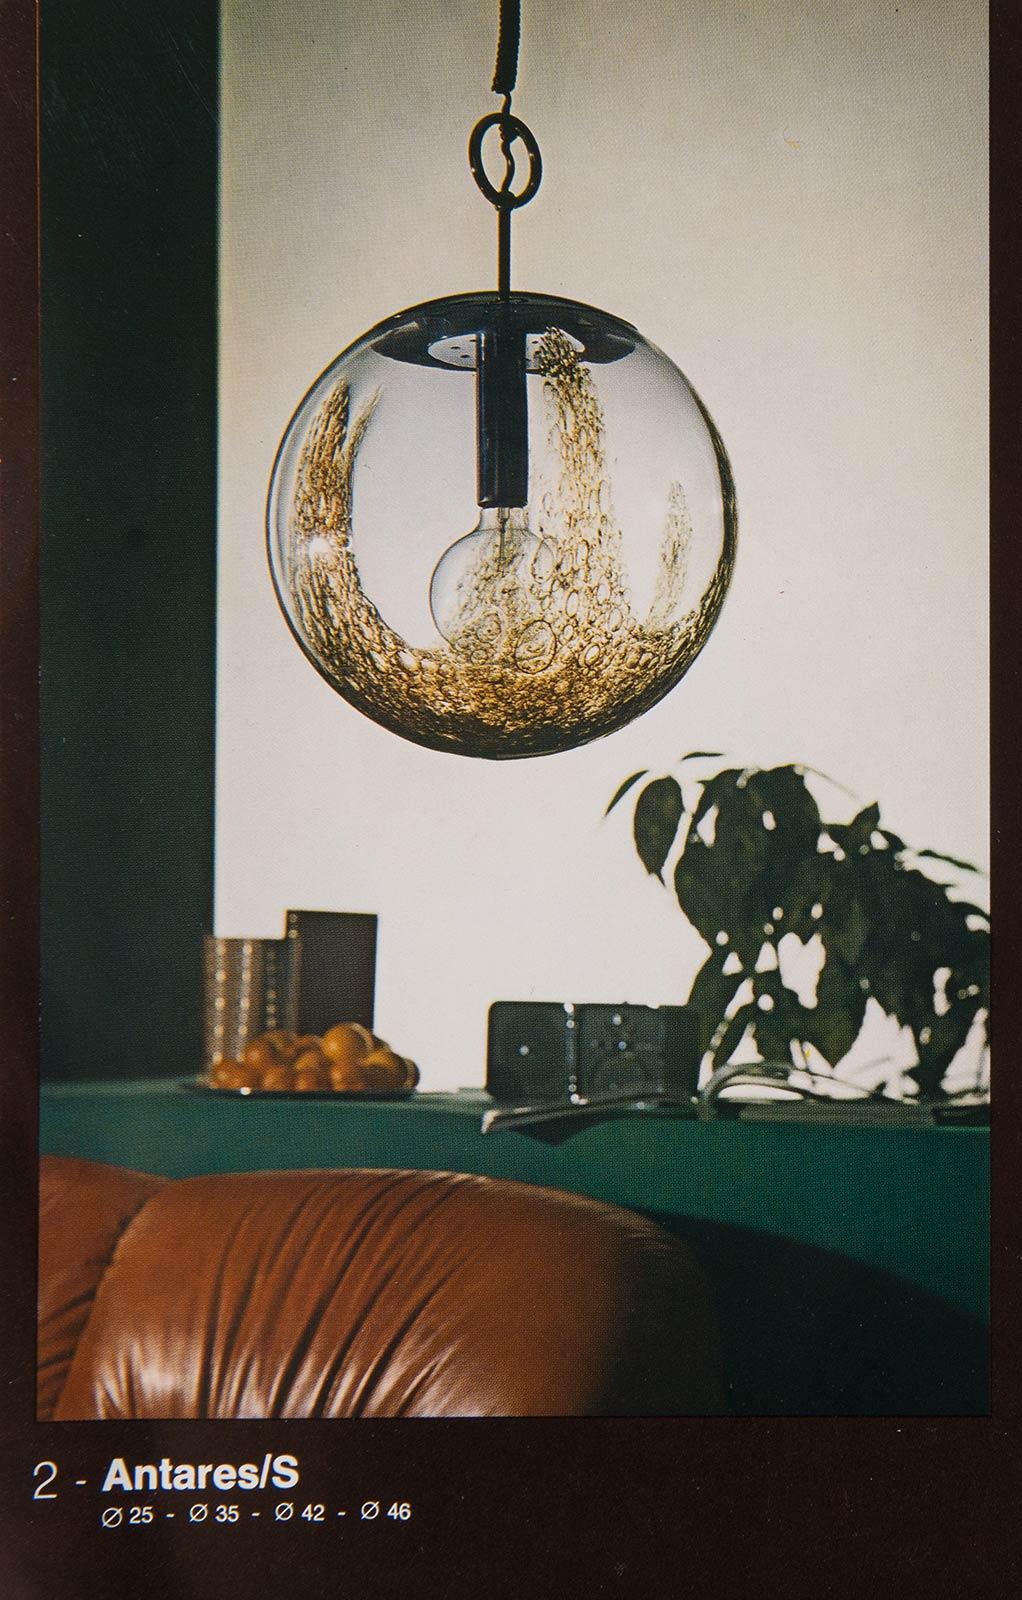 Antares, Sospensione, Anni '70. - Image 3 of 4